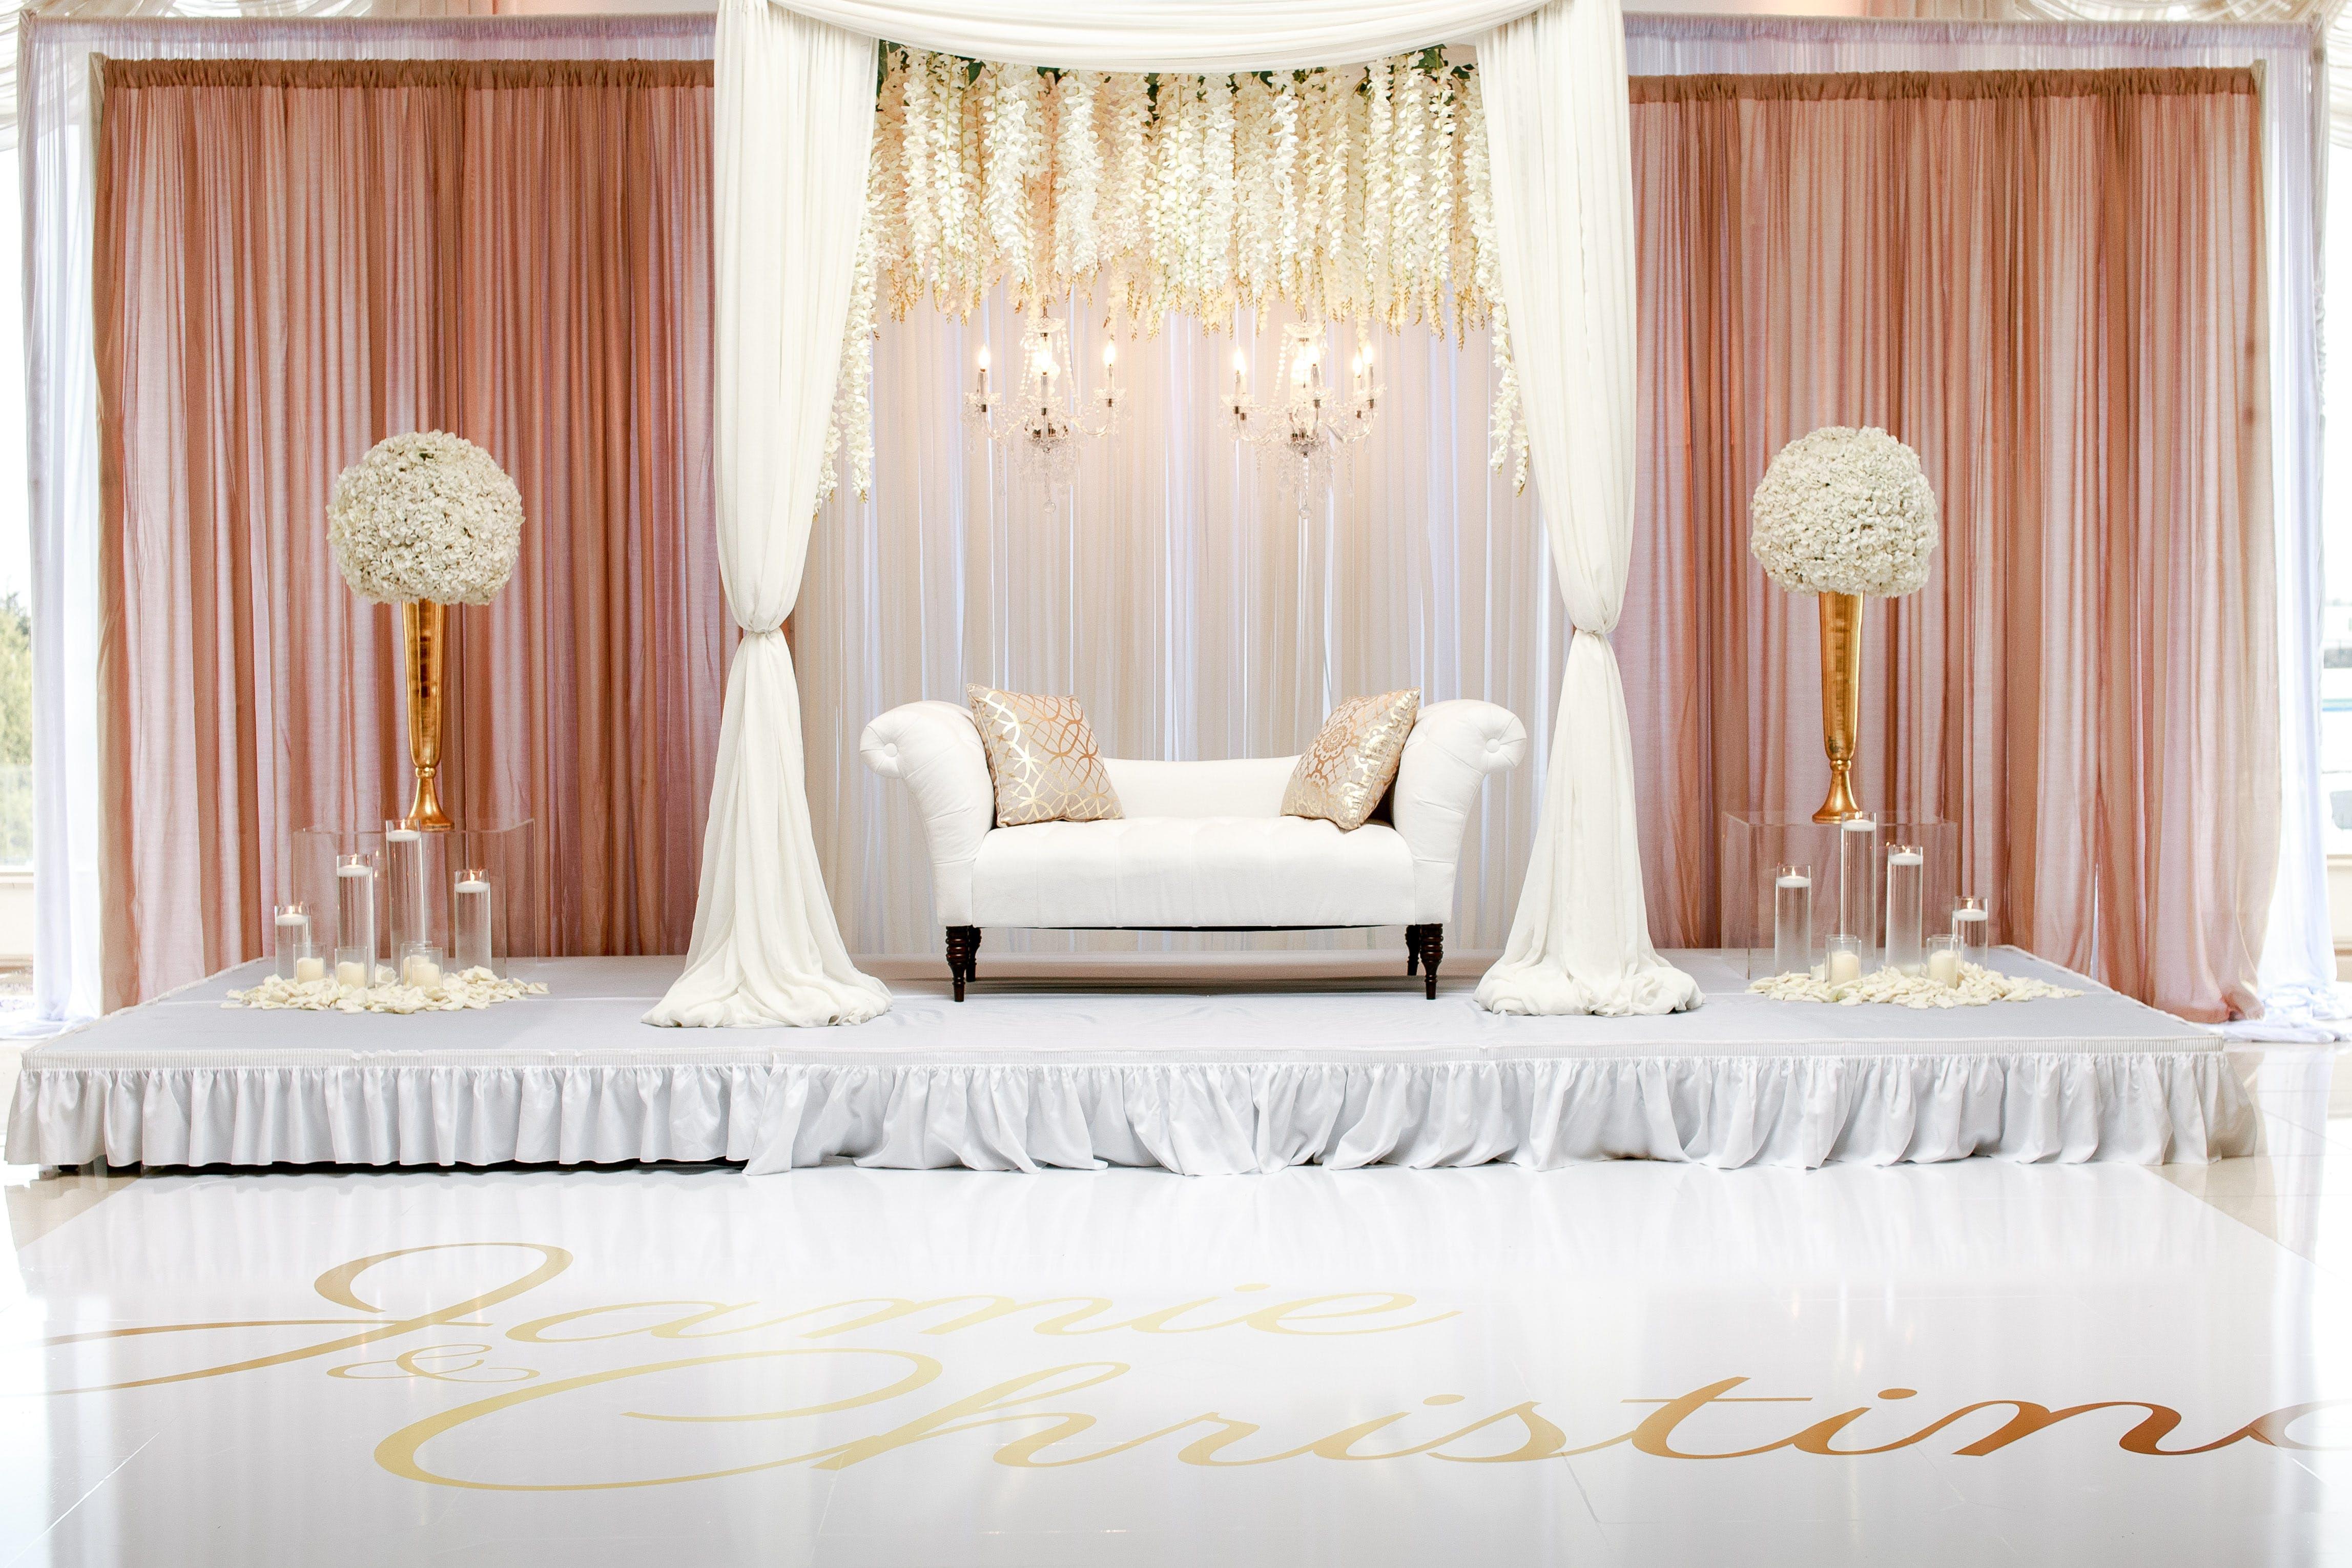 Foto d'estoc gratuïta de blanc, cadires, contemporani, cortines